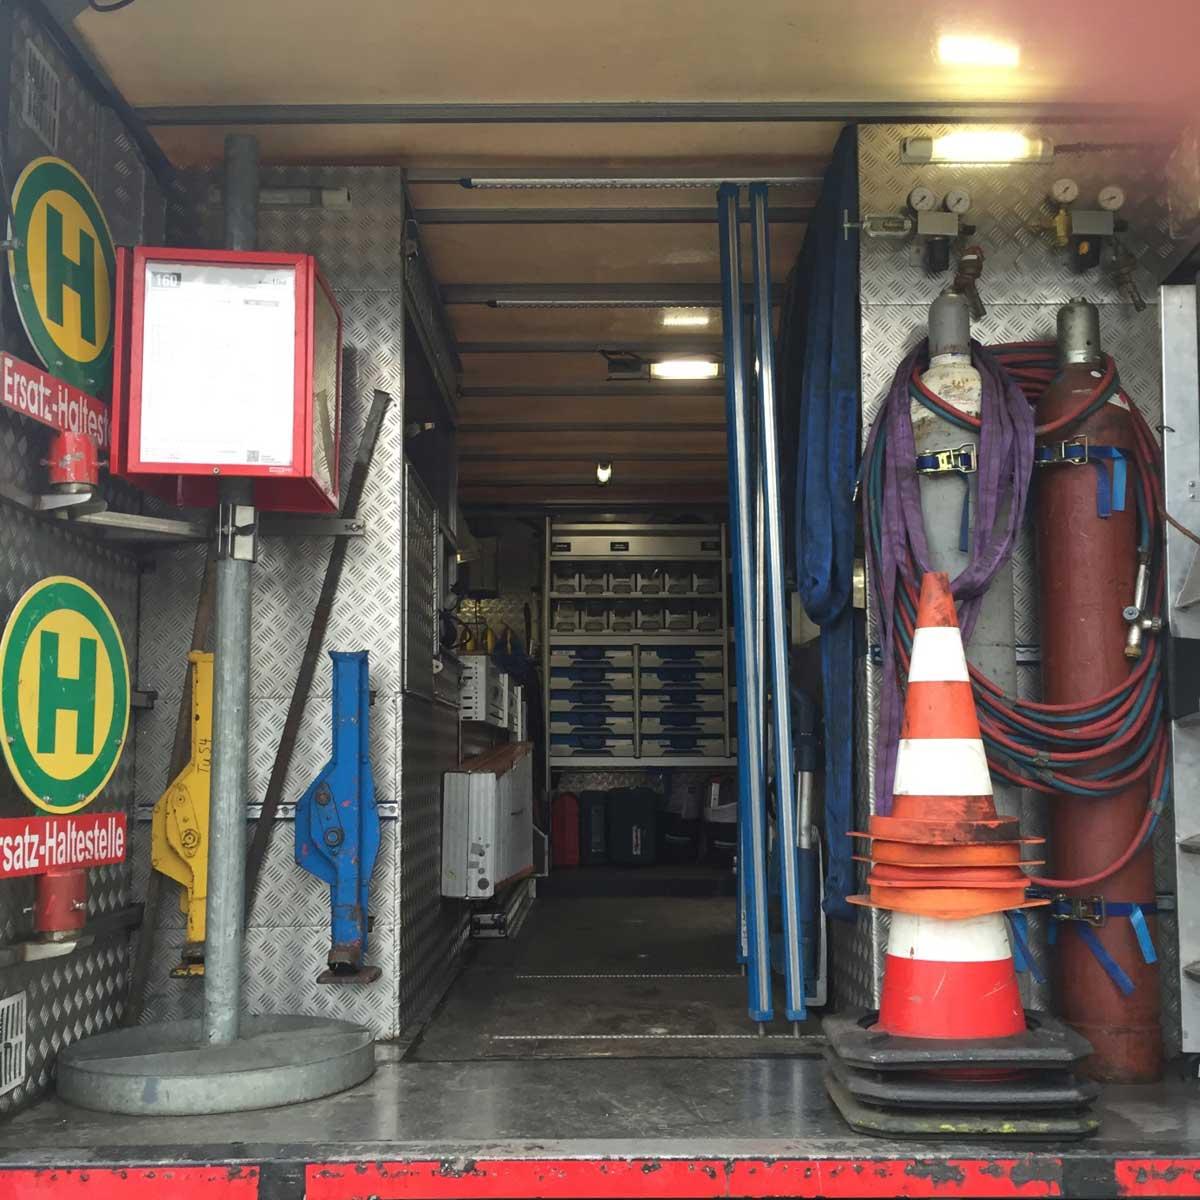 Alles an Bord: Ersatzhaltestelle, Wagenheber, Gasflaschen, Absprerrhütchen …